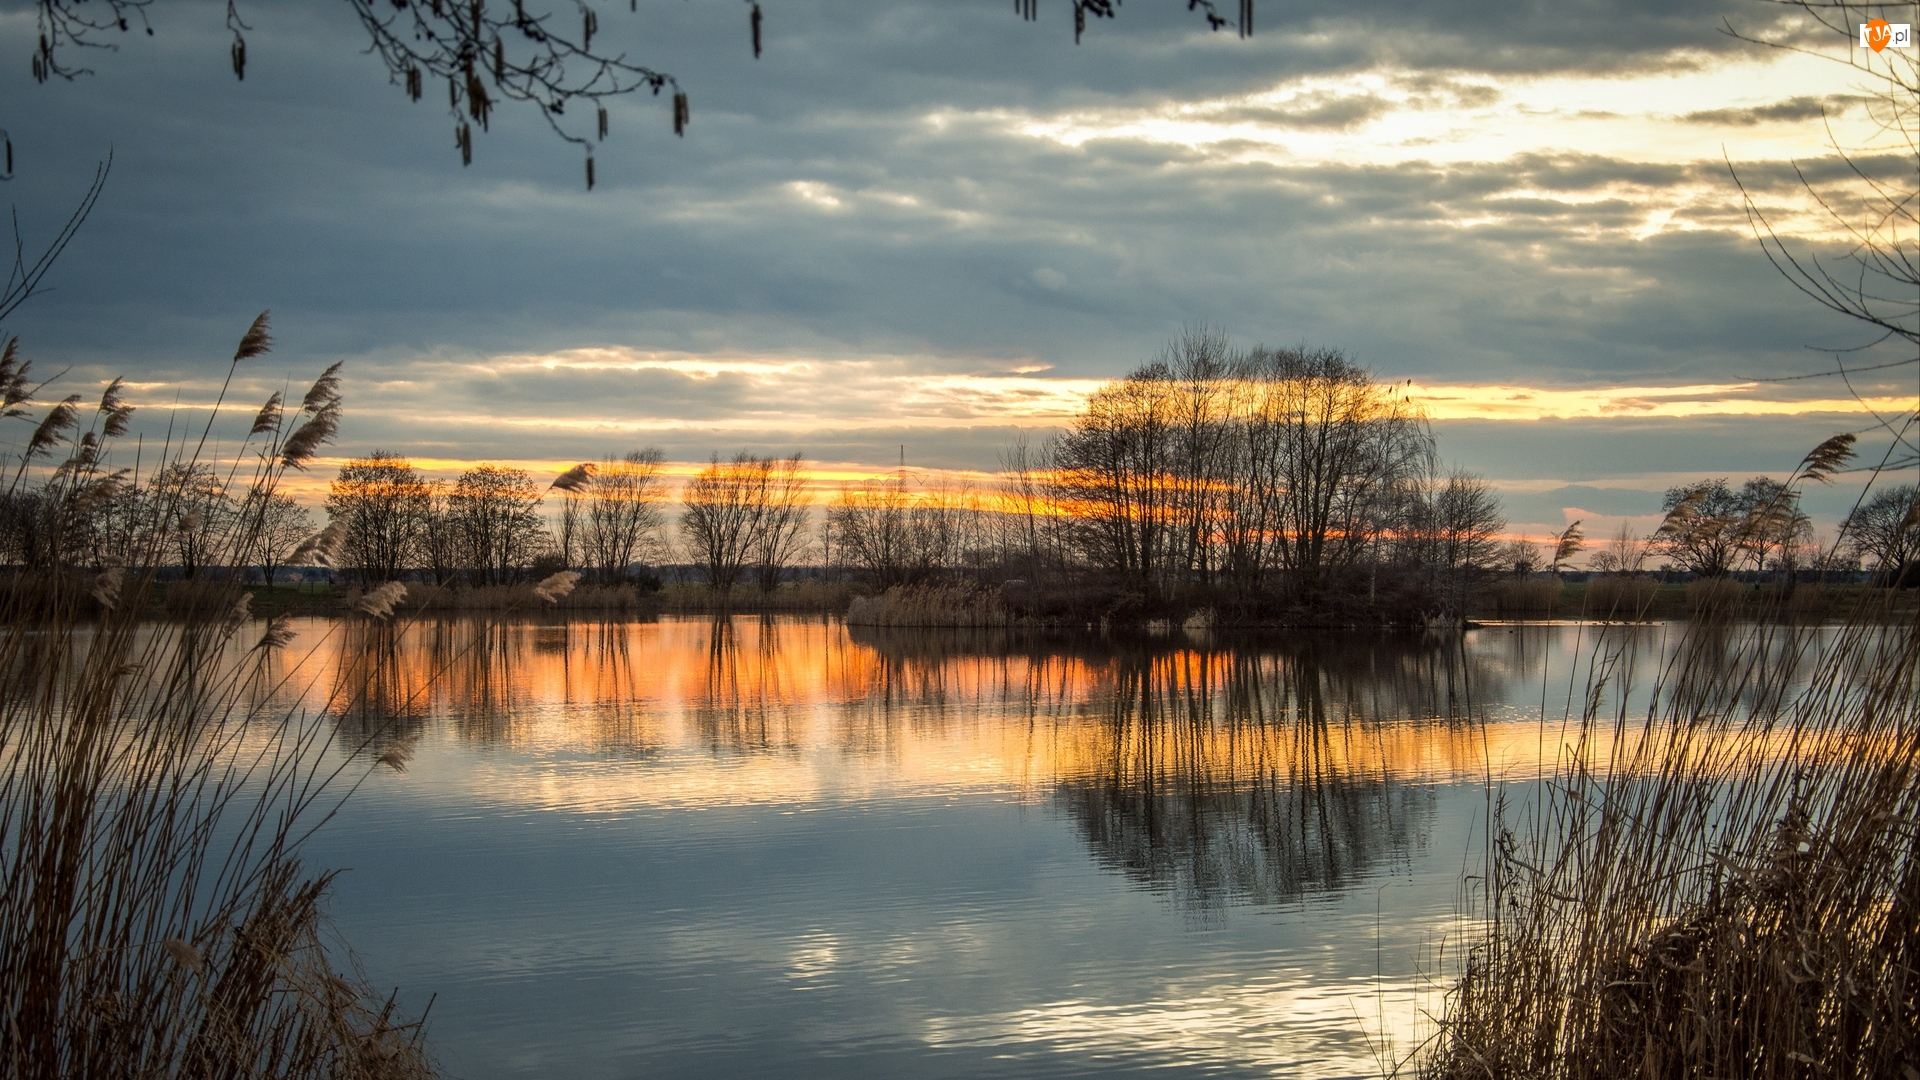 Zachód słońca, Jezioro, Drzewa, Odbicie, Chmury, Trawa